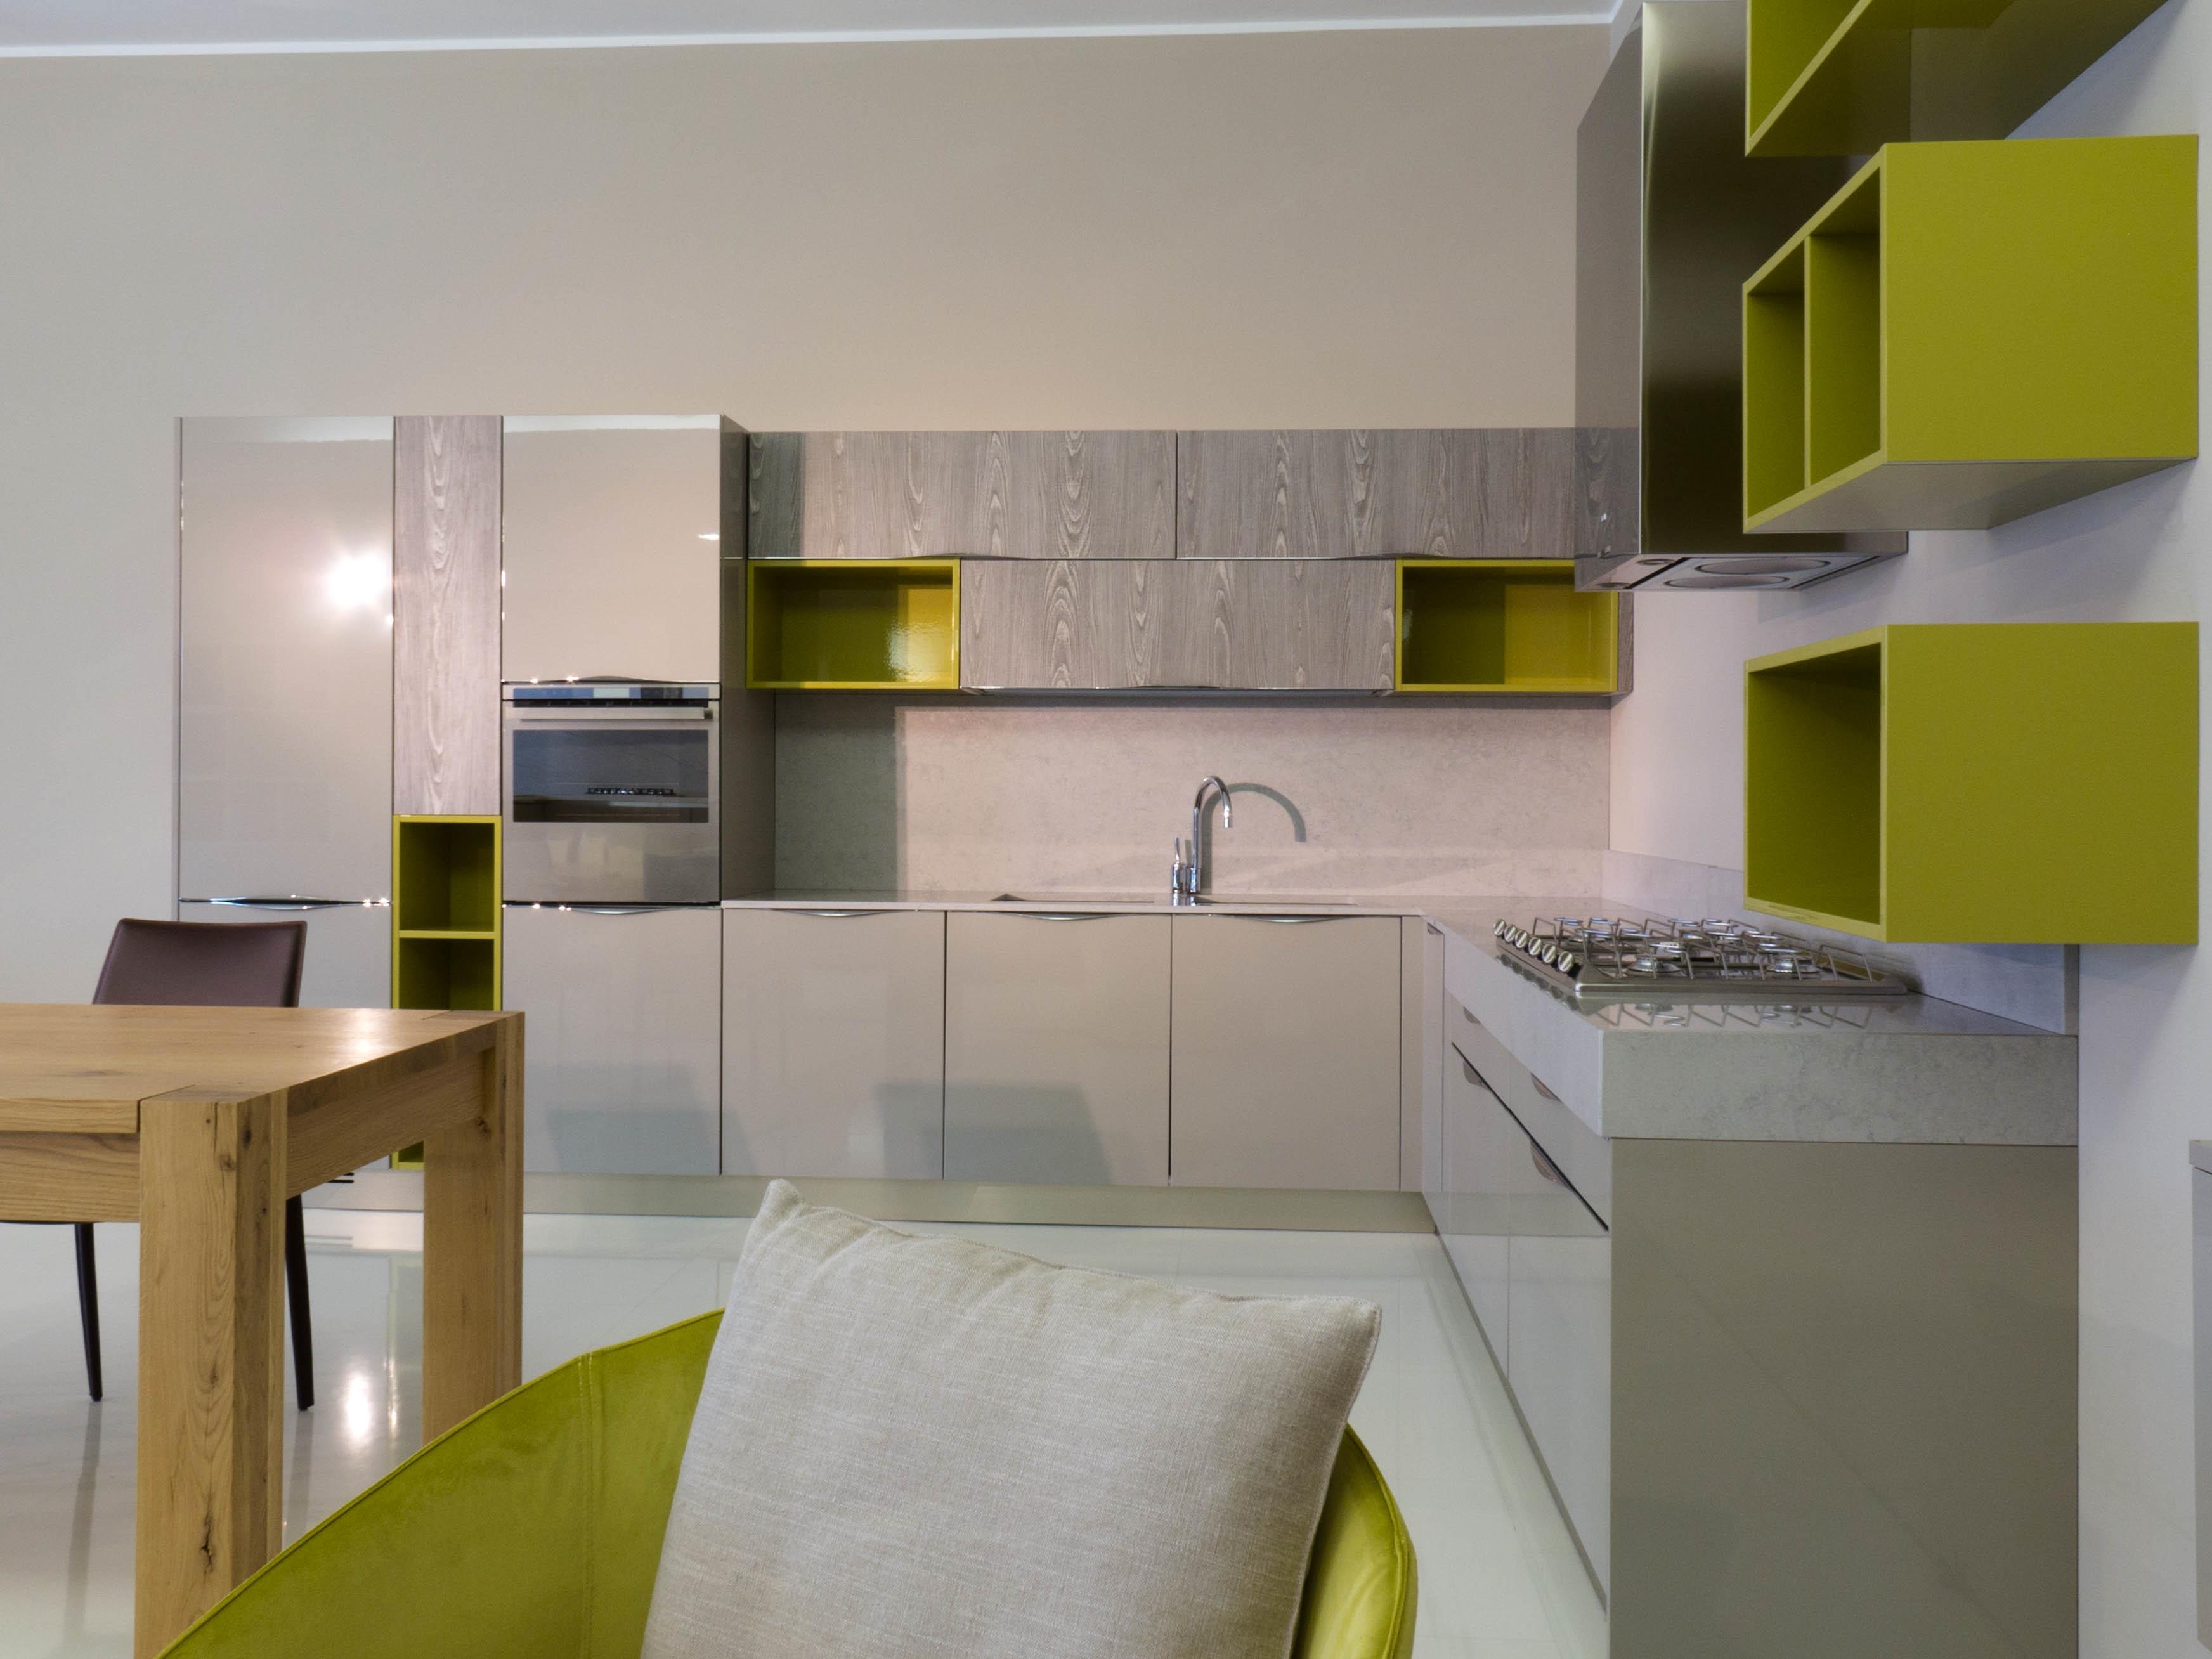 Cucina duna polimerico lucido tortora piano okite - Cucina componibile prezzi ...